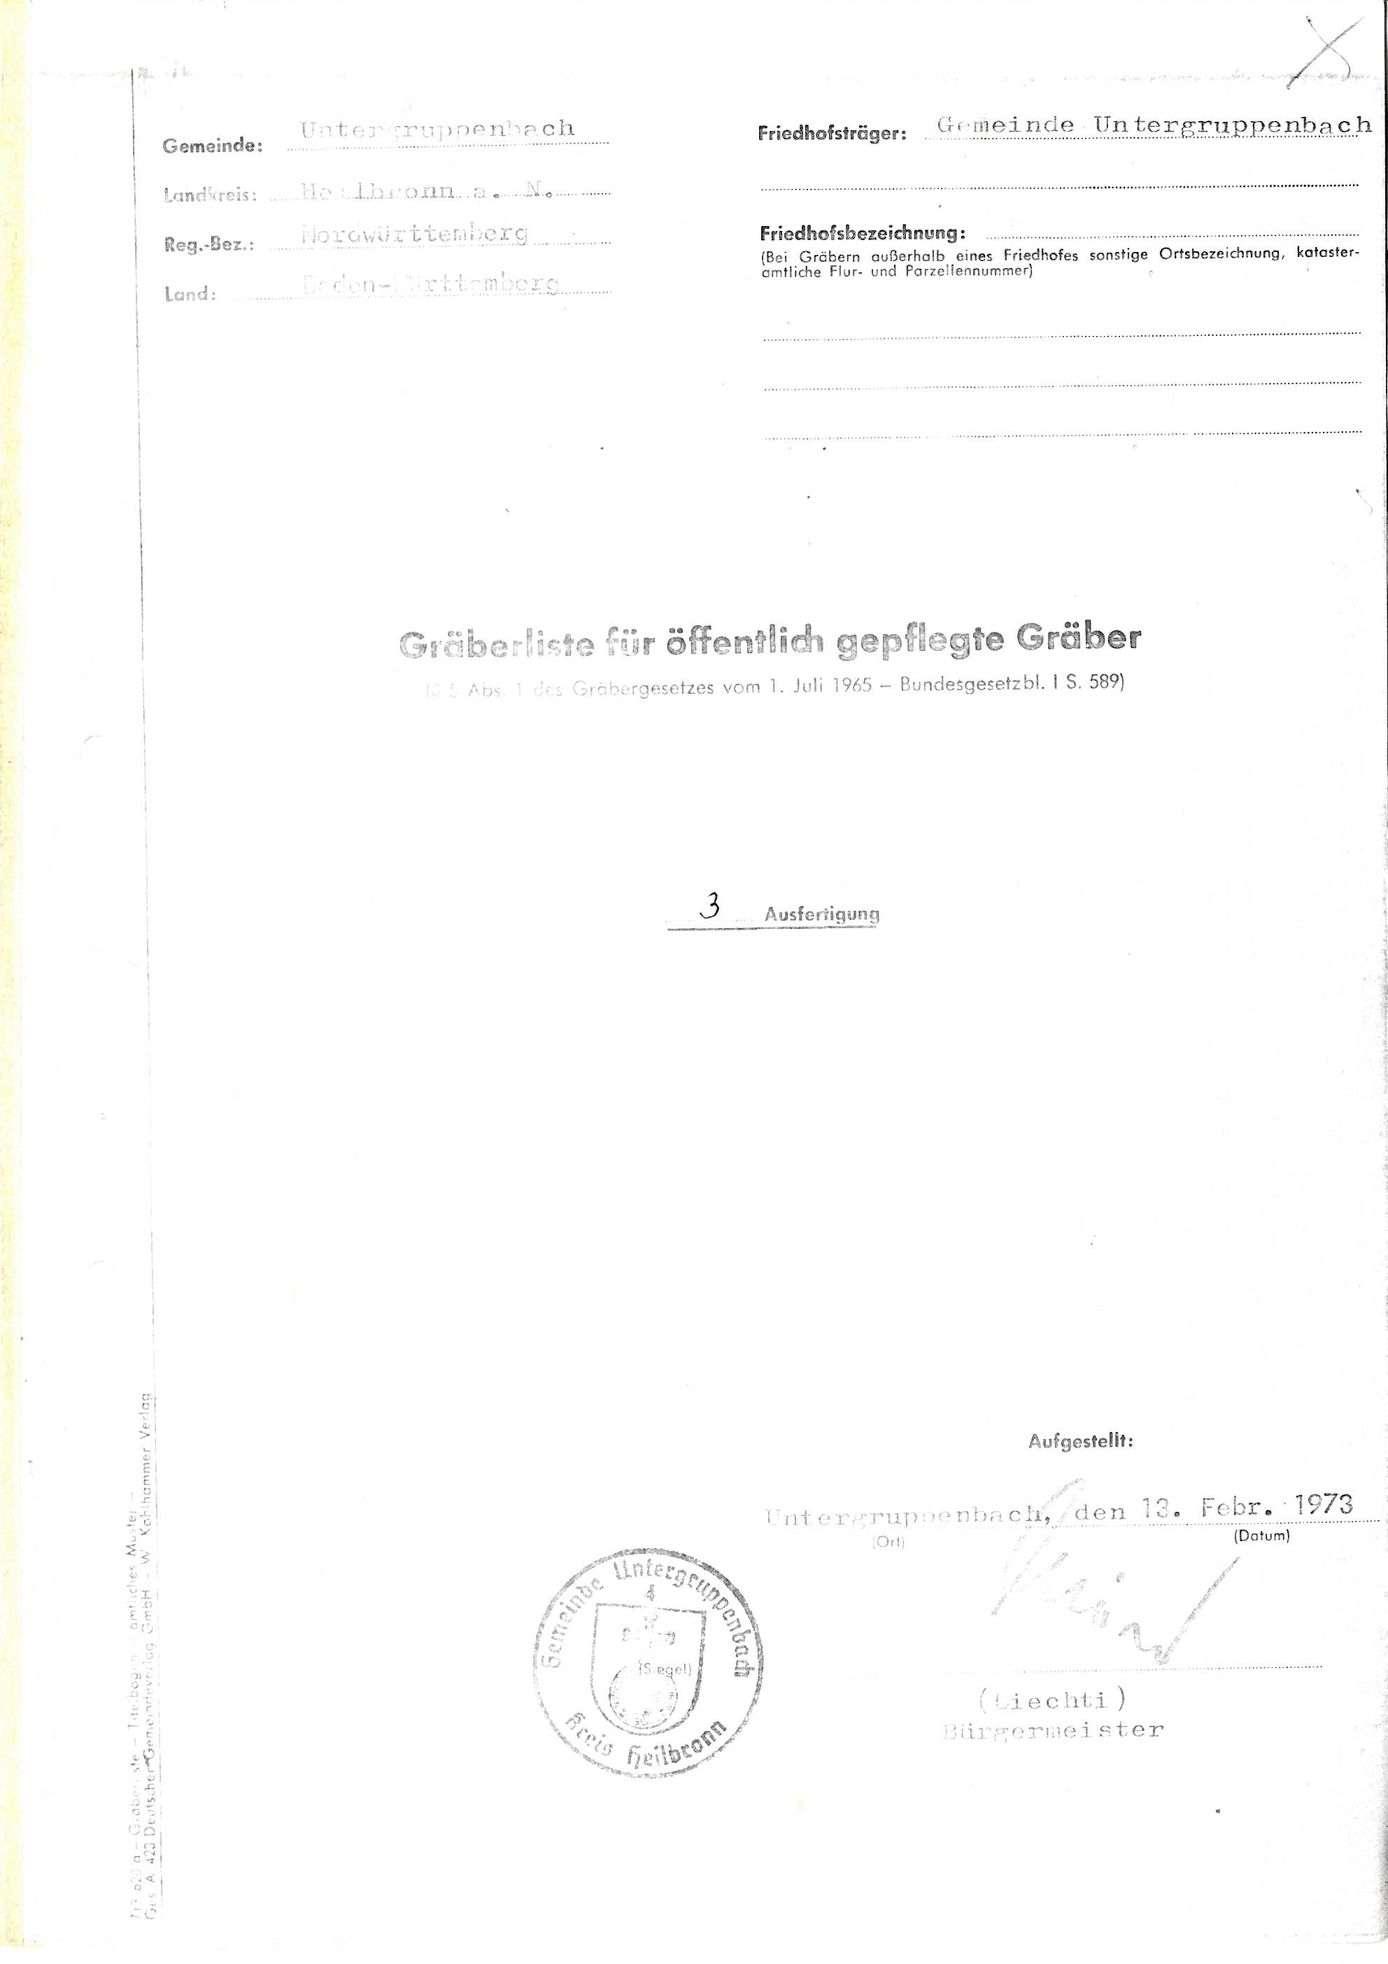 Untergruppenbach, Bild 1